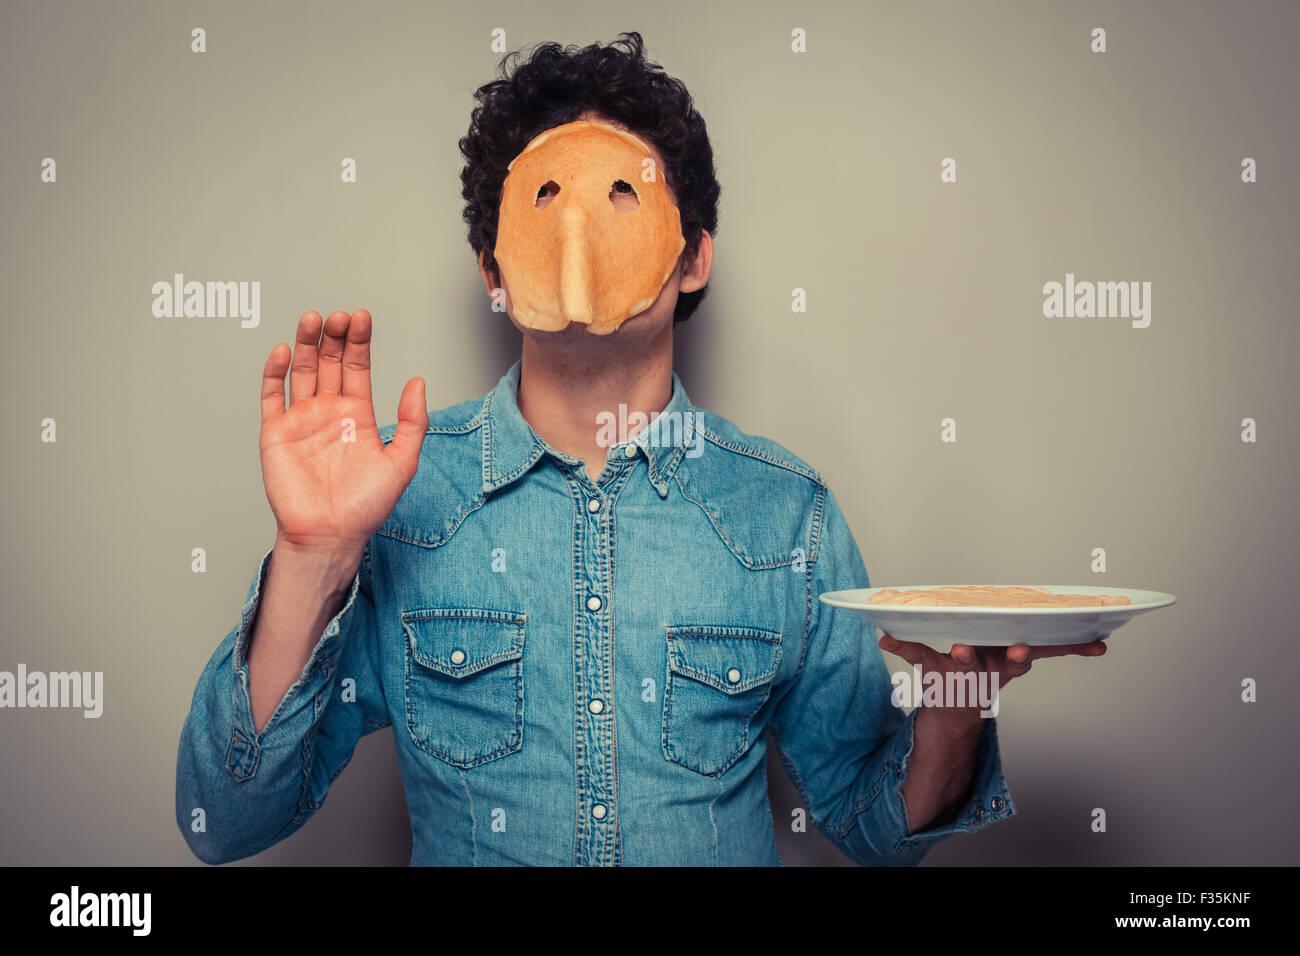 Giovane uomo ha tagliato eyeholes in un pancake e indossarlo sul suo volto Immagini Stock